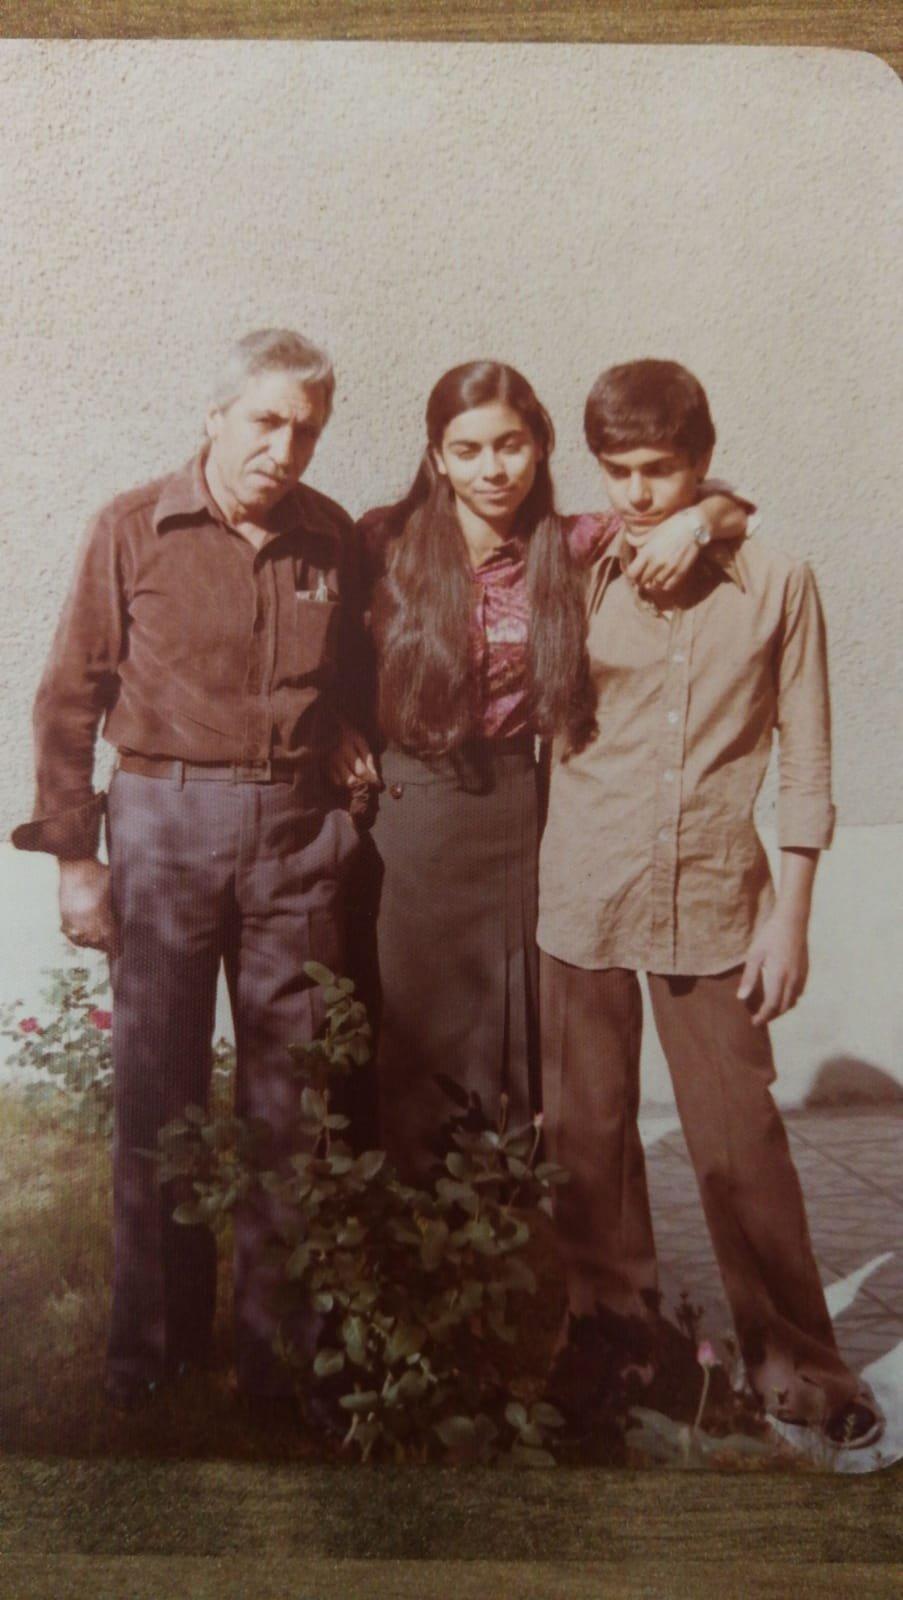 זהות מינית, שייכות, איראן, קבלה עצמית , הורים , הורות